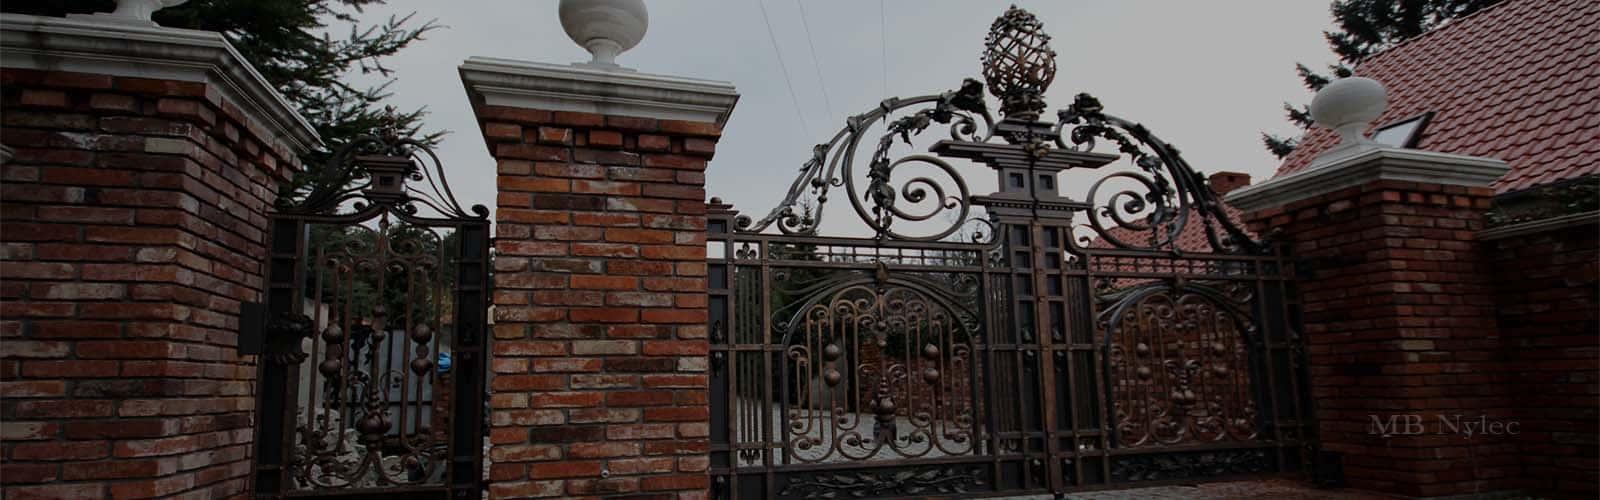 kute bramy wjazdowe